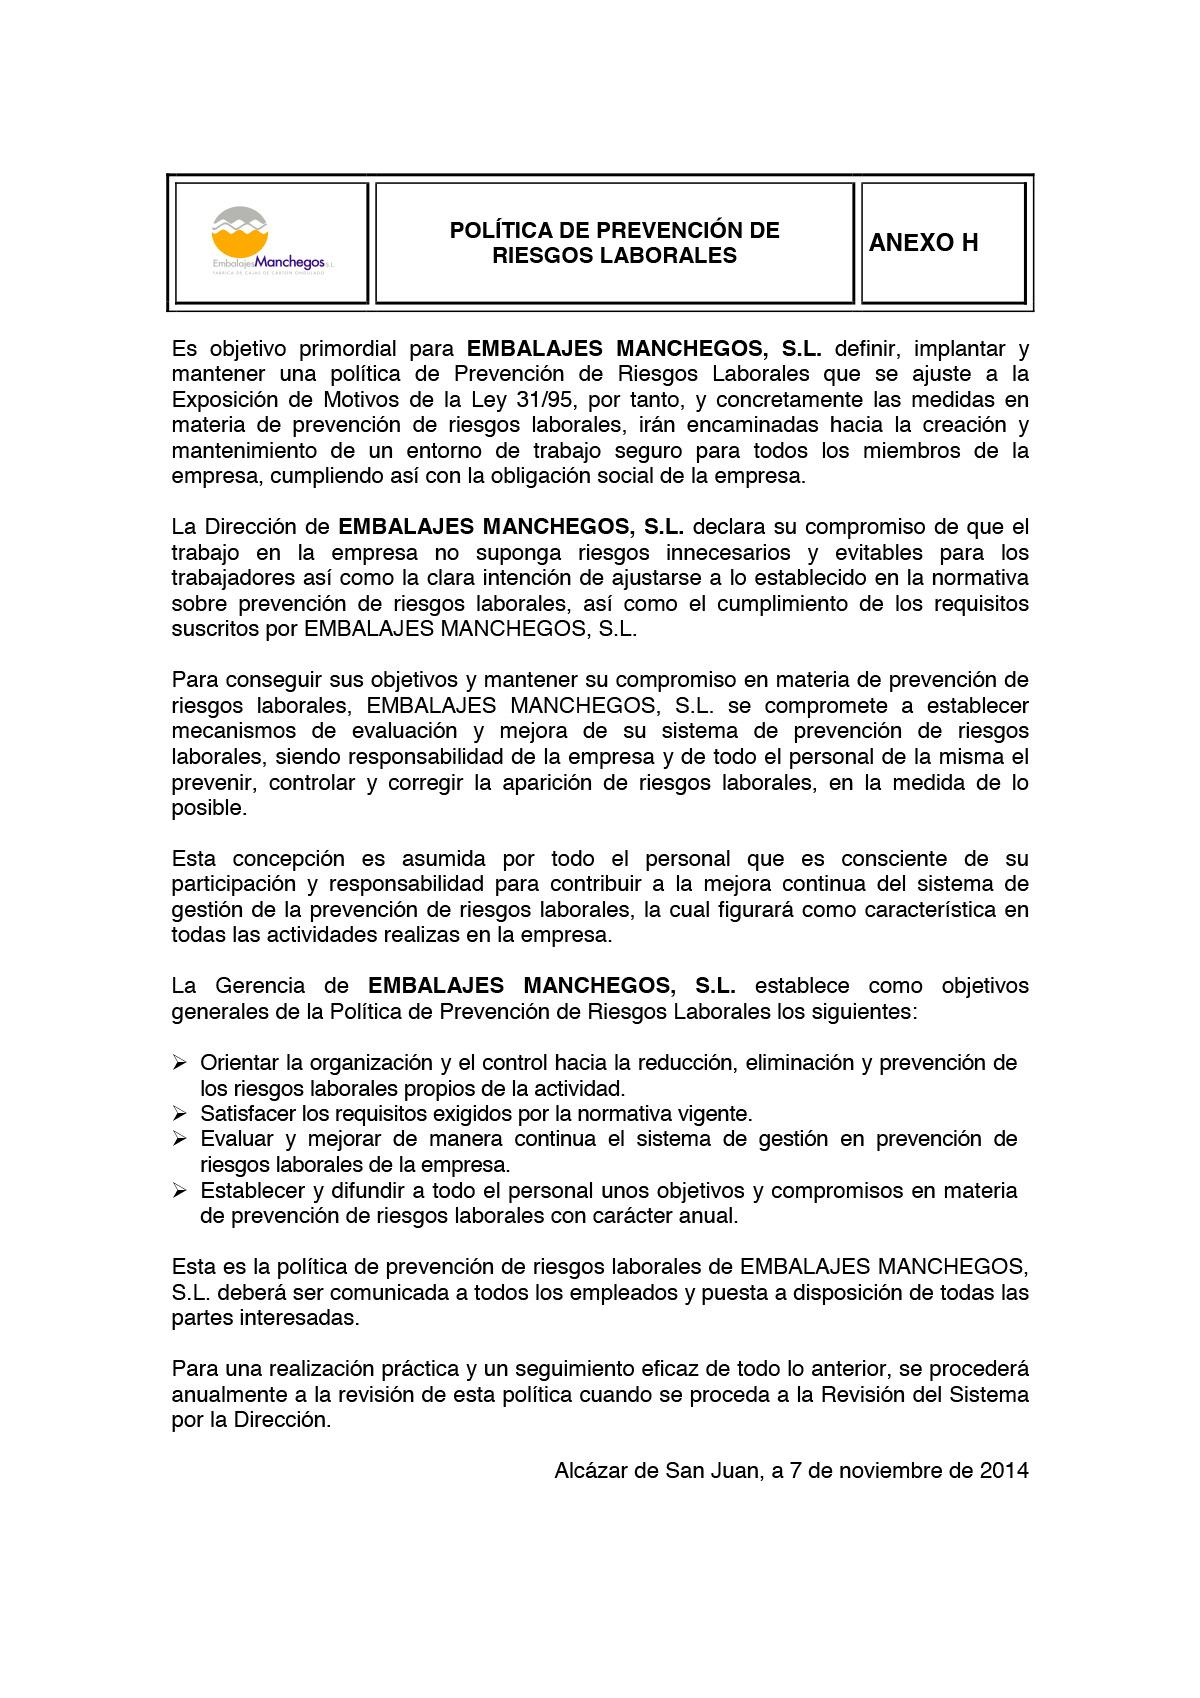 POLITICA-DE-PREVENCIÓN-DE-RIESGOS-LABORALES